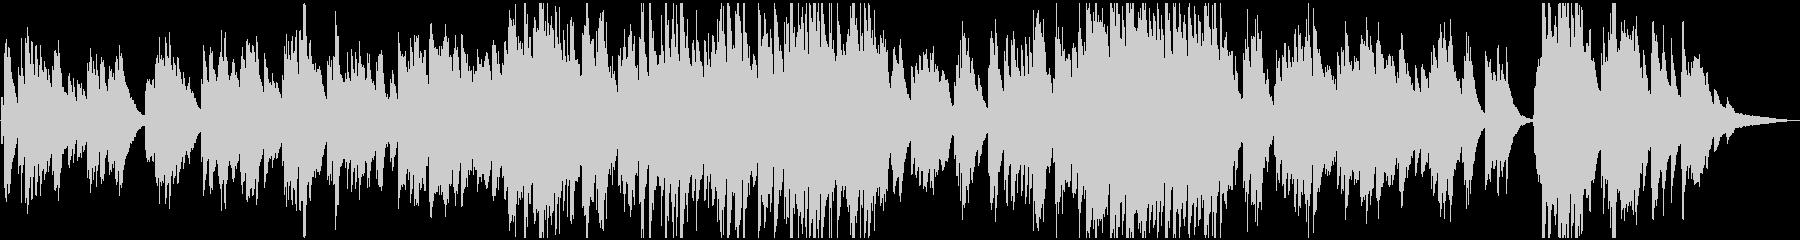 映画・ゲーム 切ないピアノバラードの未再生の波形